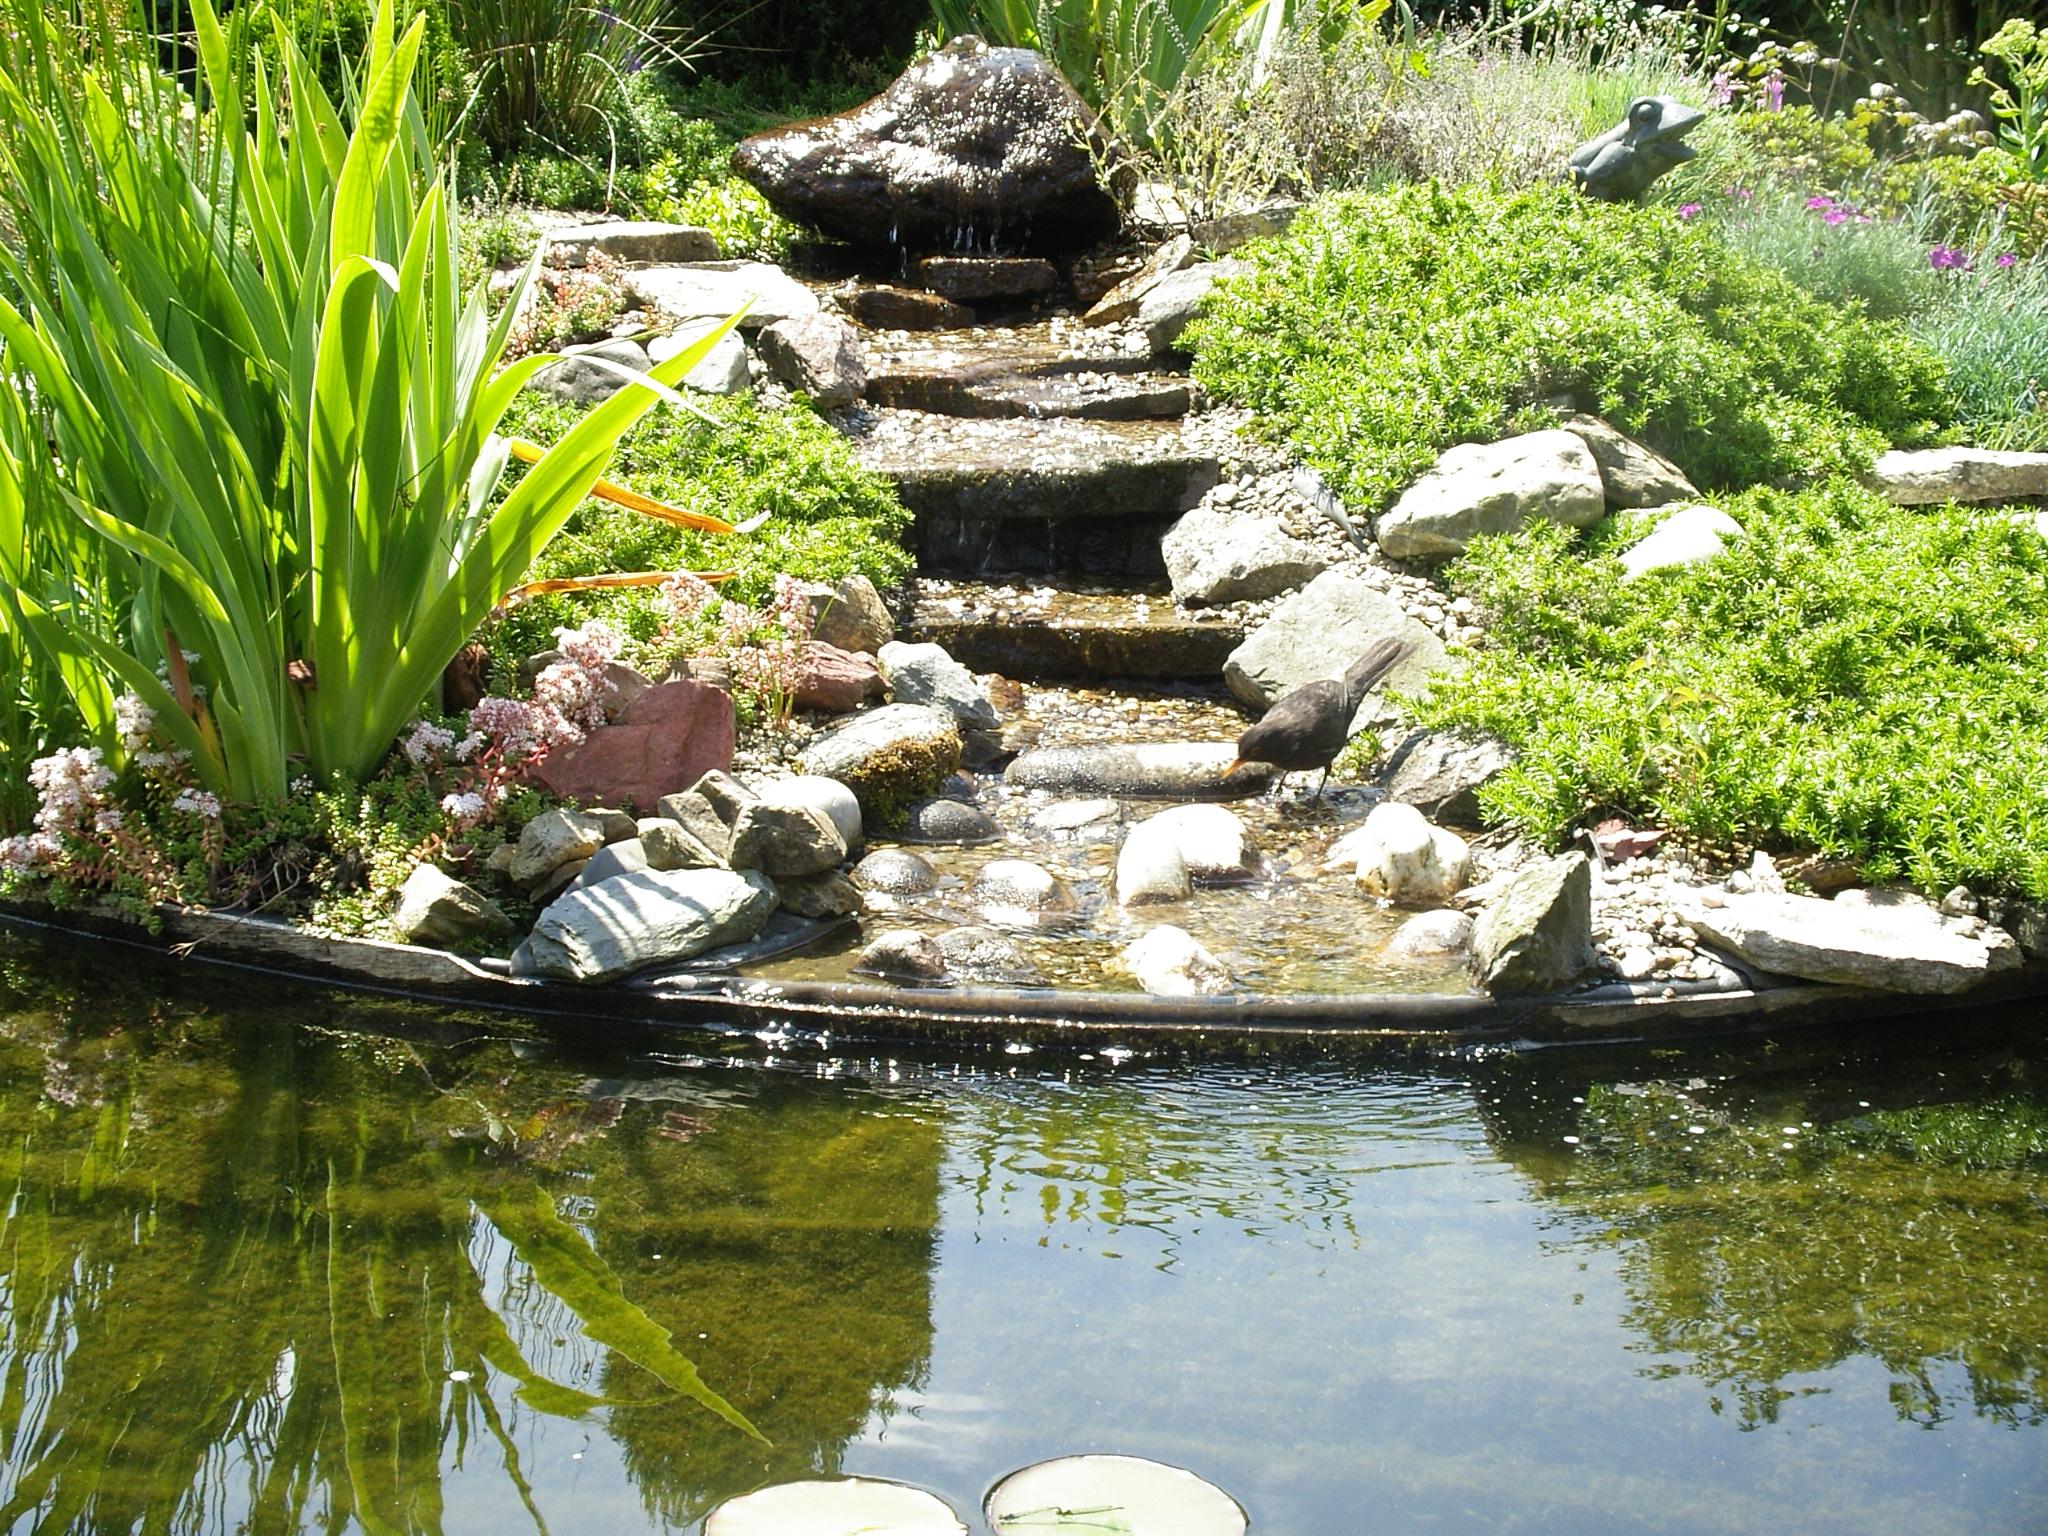 De tuin van arthur de groot - Amenager een rotstuin ...